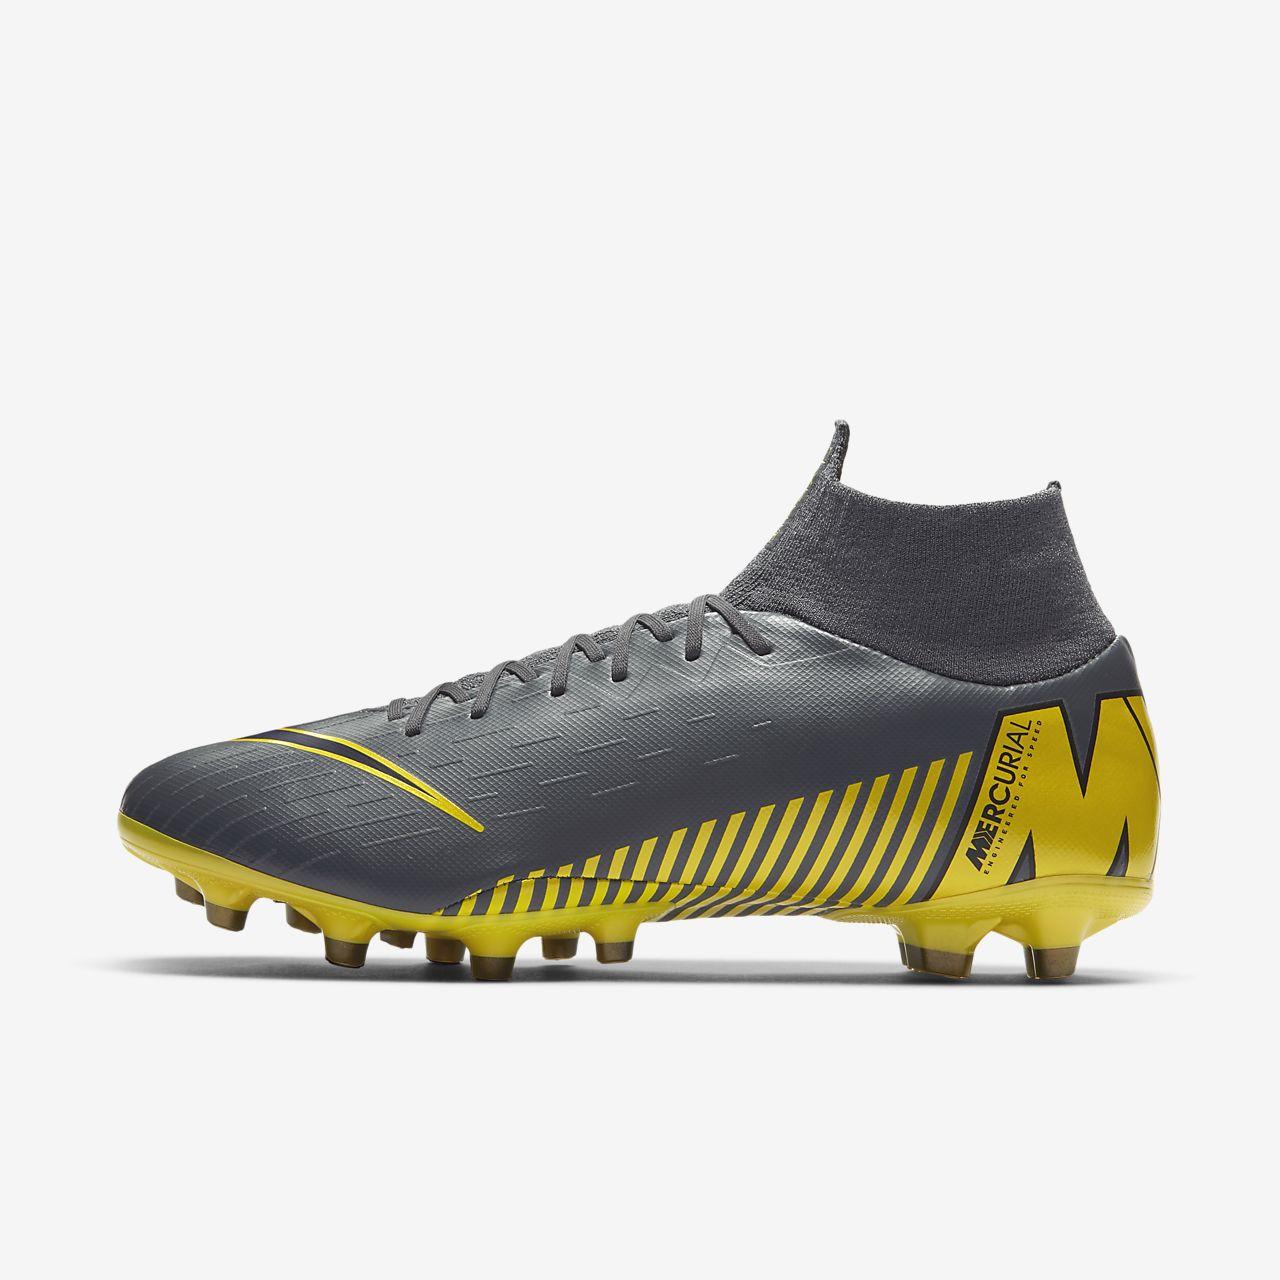 Chaussure de football à crampons pour terrain synthétique Nike Mercurial Superfly VI Pro AG-PRO